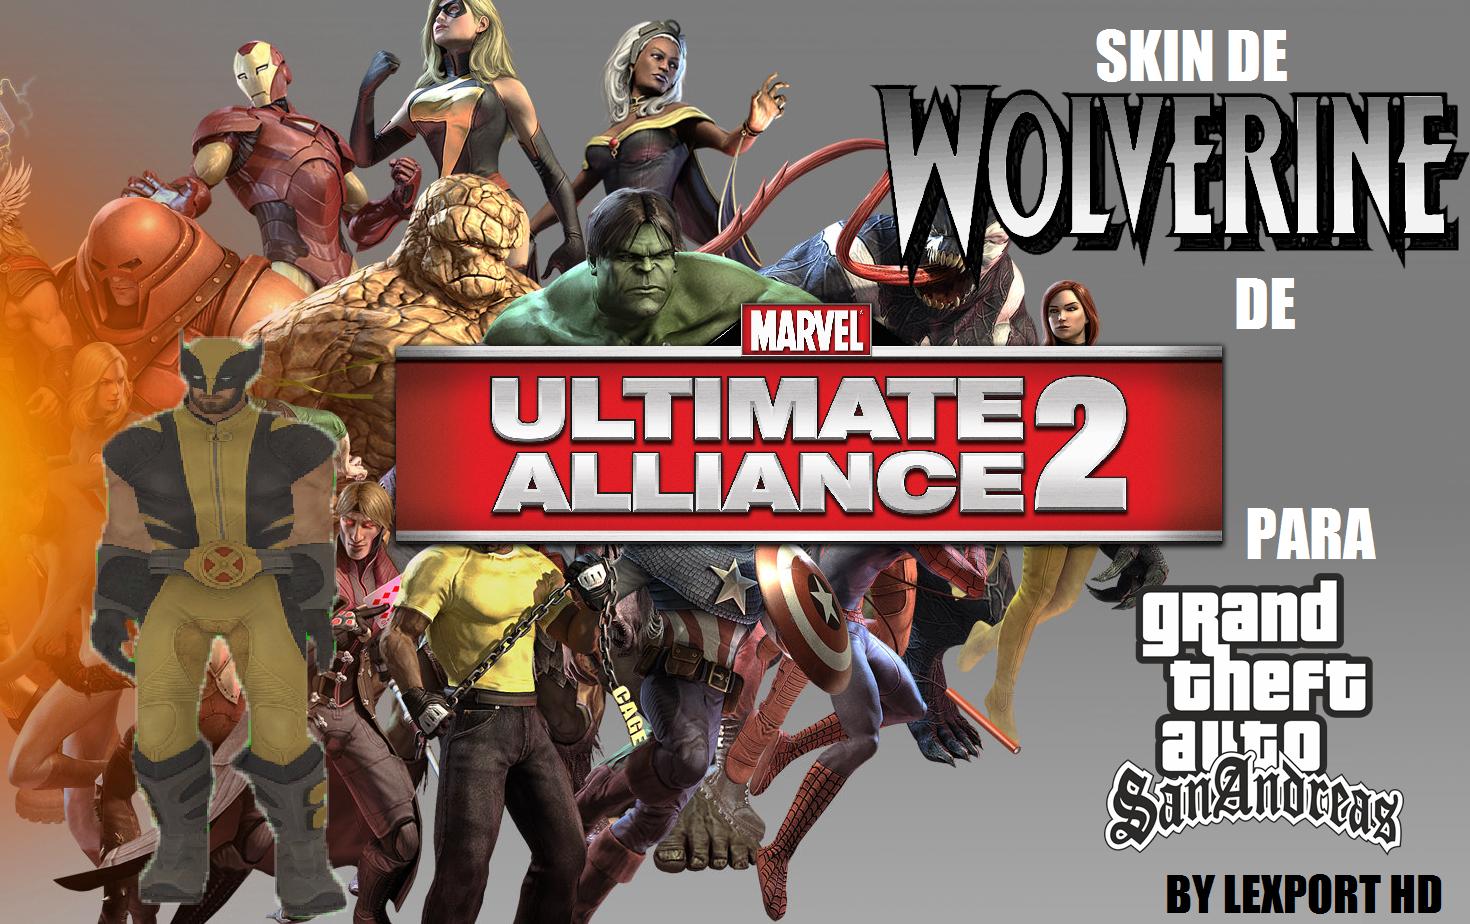 Mods Y Animaciones Del GTA San Andreas: Skin De Wolverine De Marvel